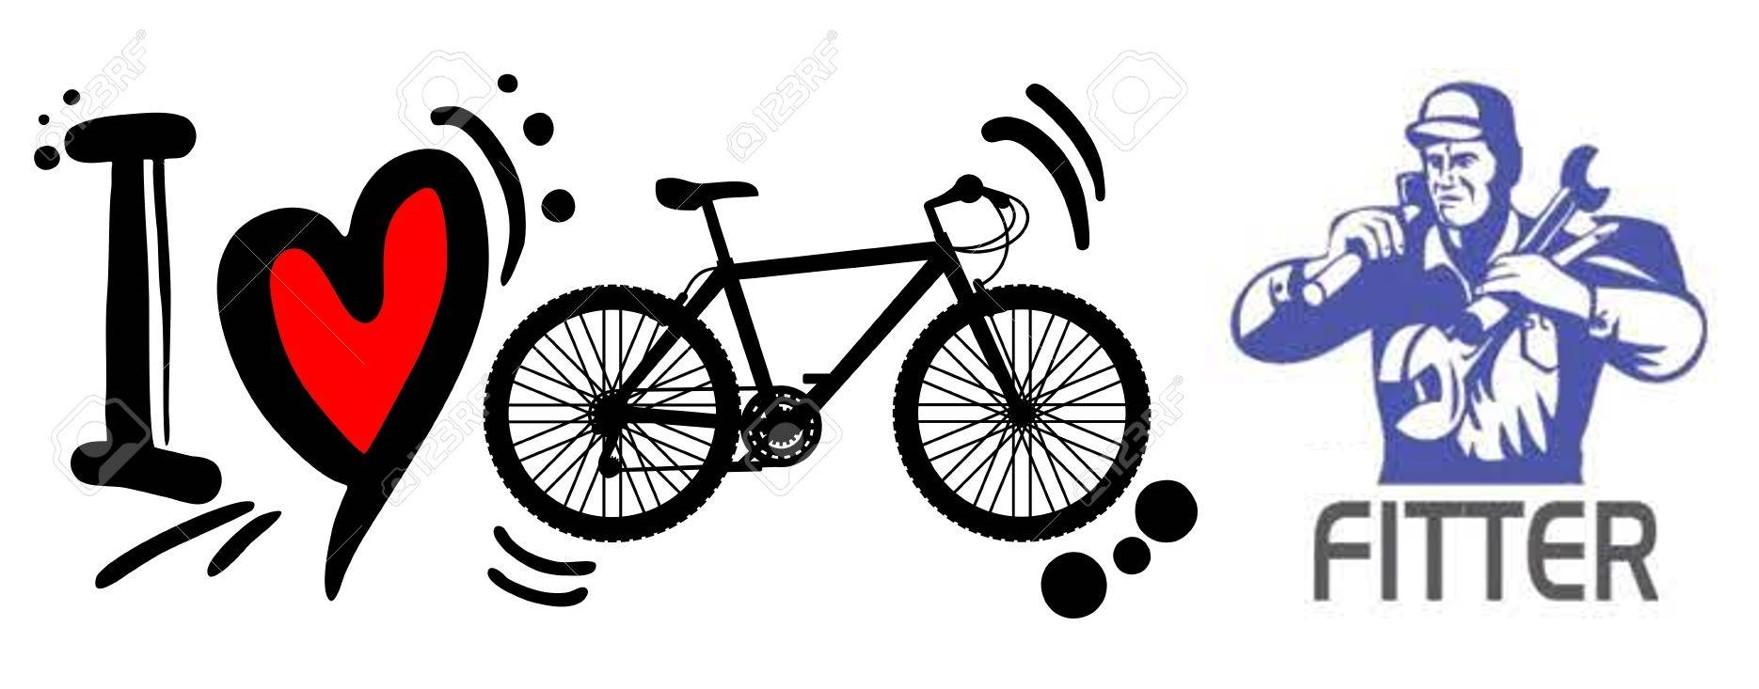 I love my bike fitter